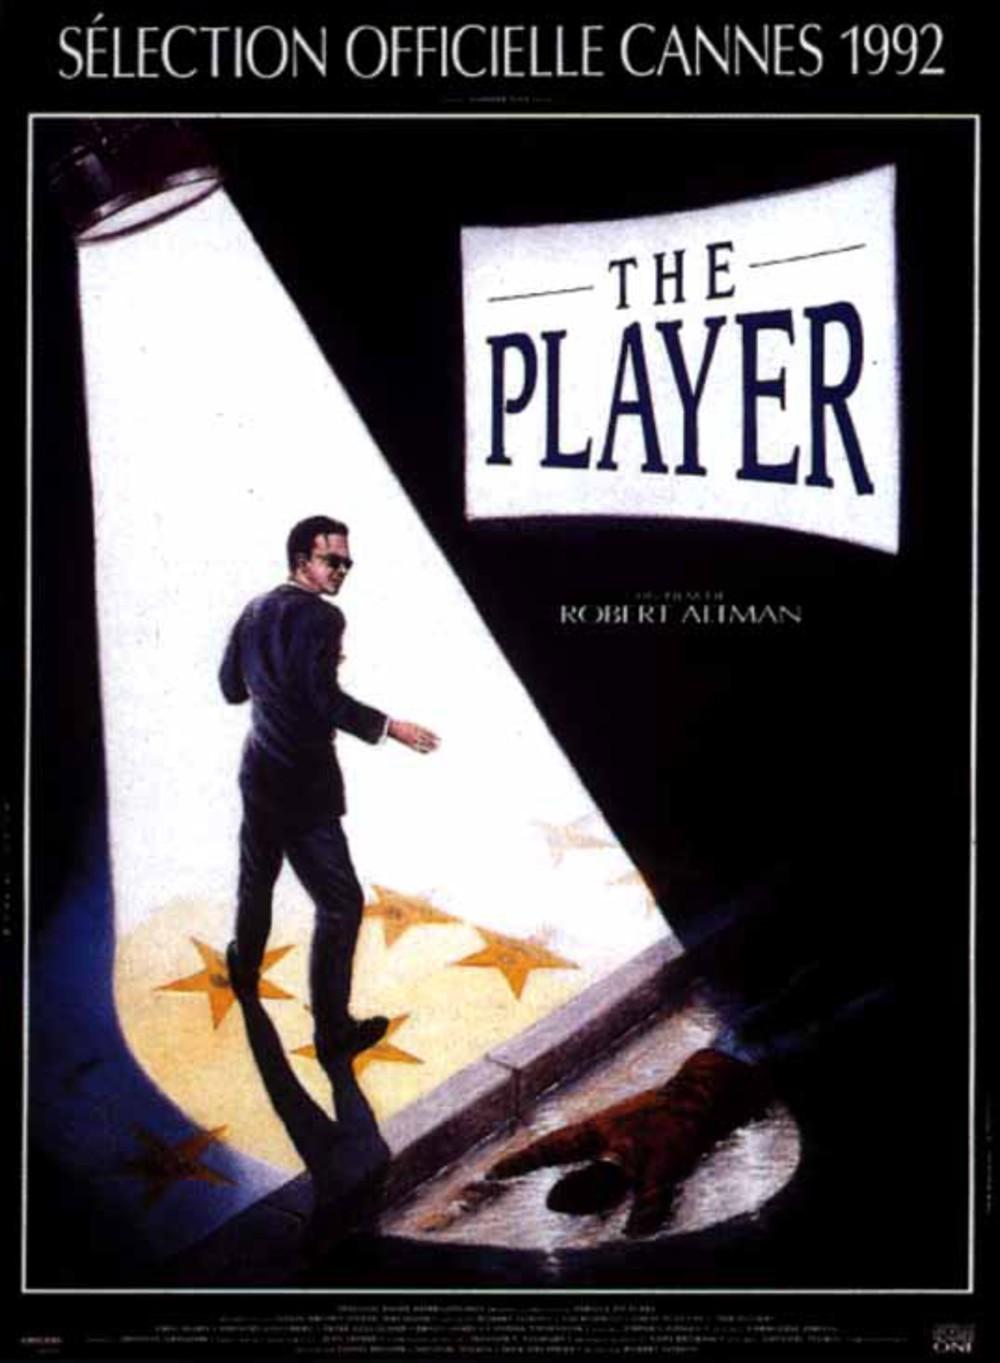 The Player de Robert Altman